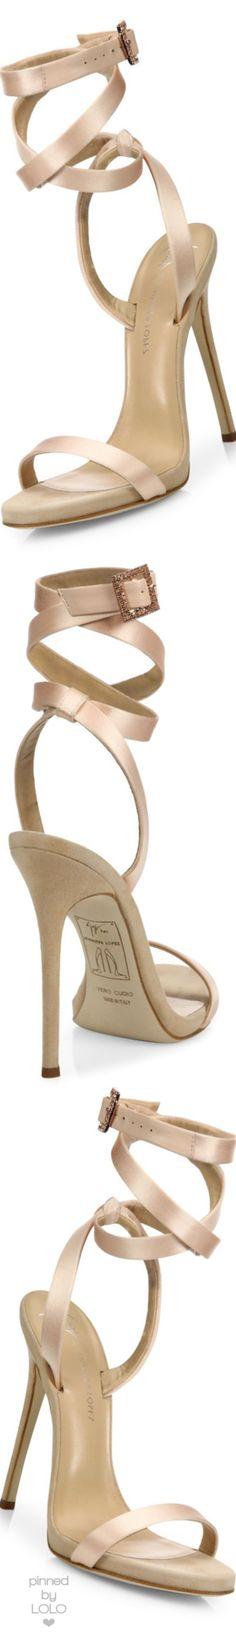 00182f72e Trendy High Heels For Ladies : Giuseppe Zanotti Giuseppe for Jennifer Lopez  120 Satin Ankle-Wrap Sandals